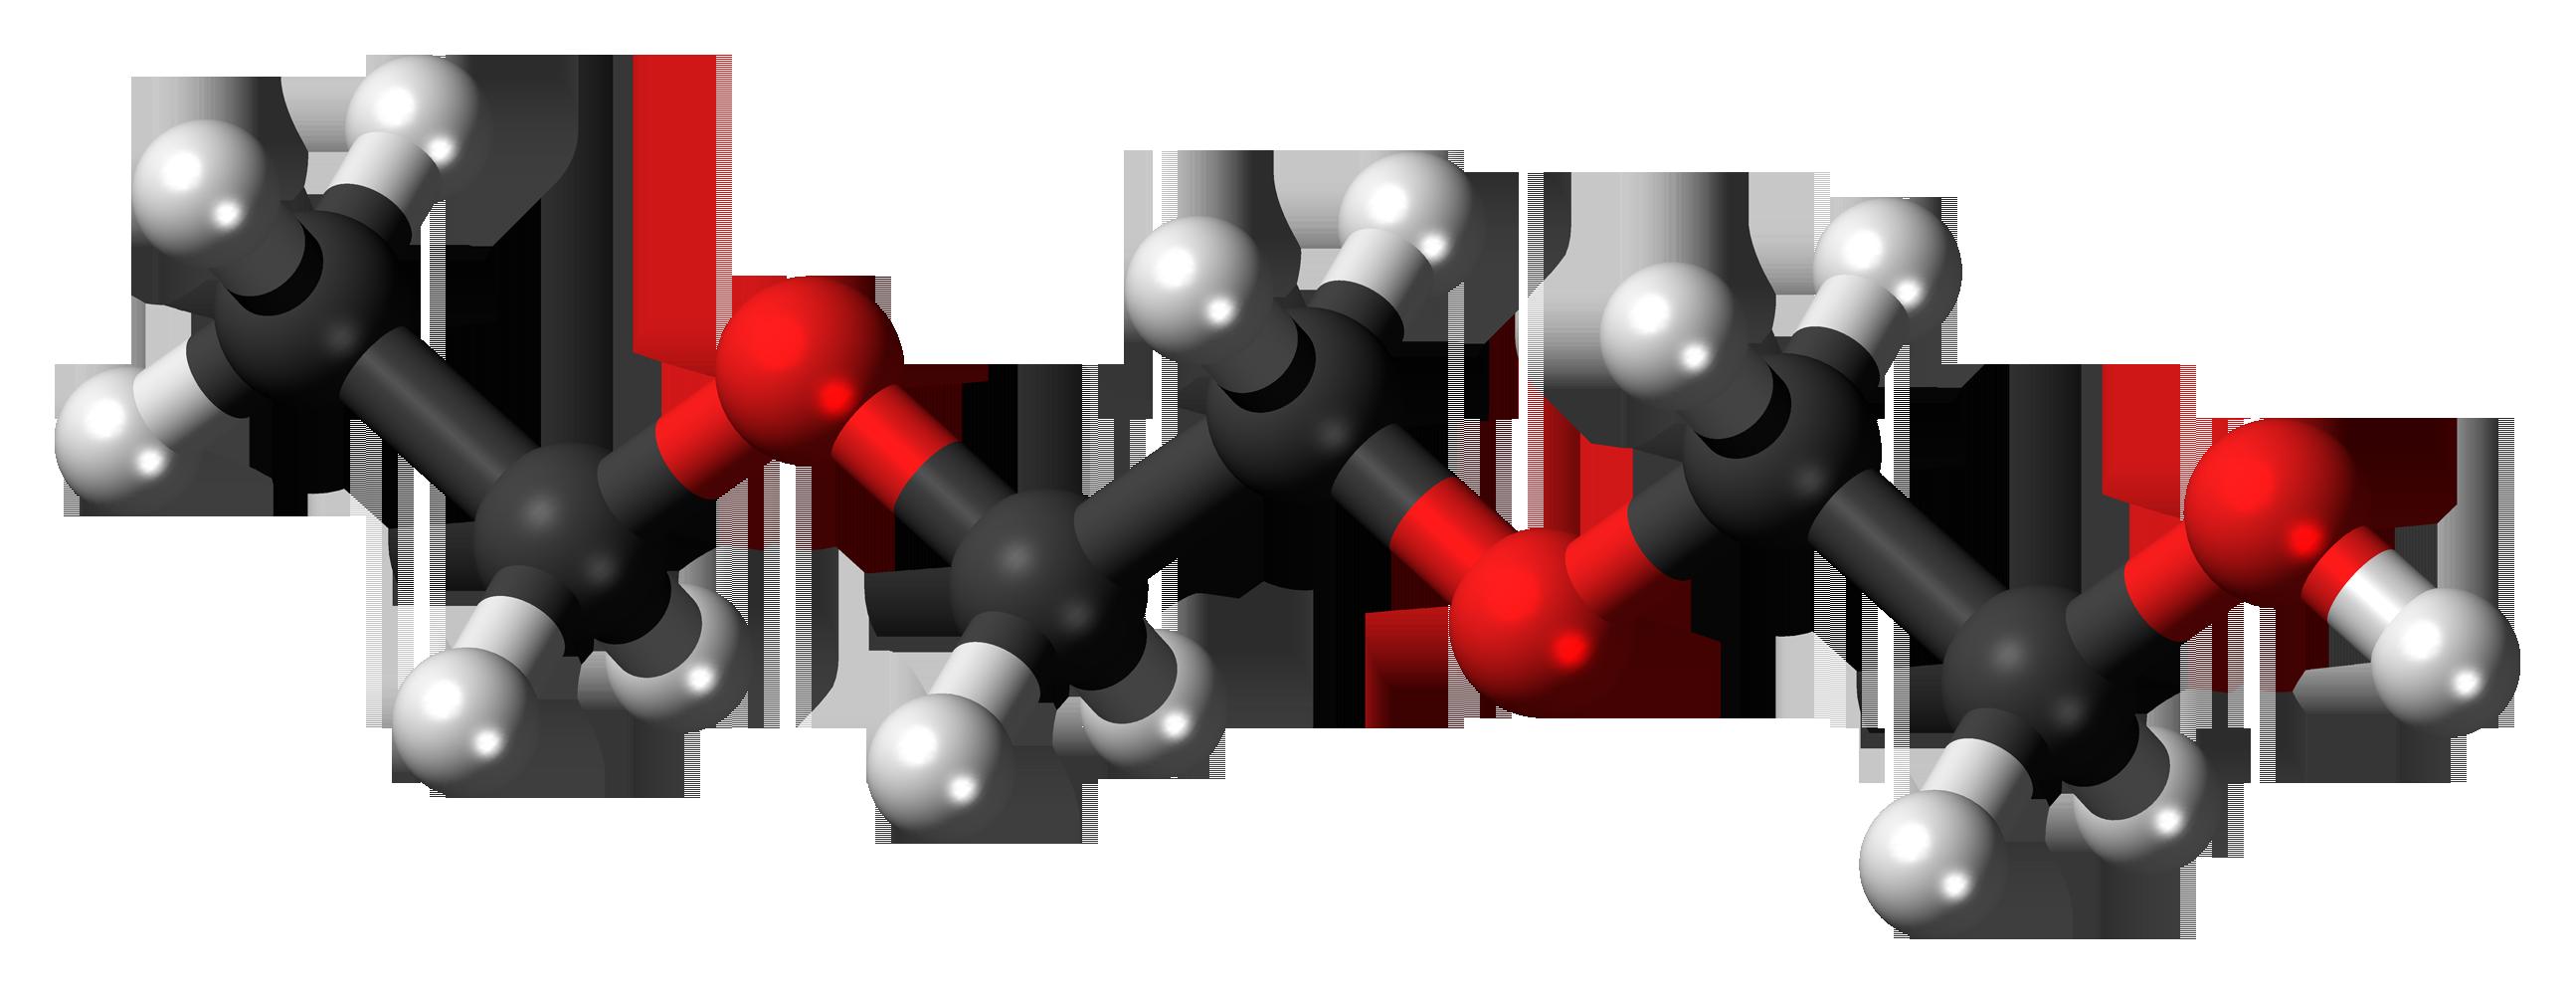 What Is Ethanol >> 2-(2-Ethoxyethoxy)ethanol